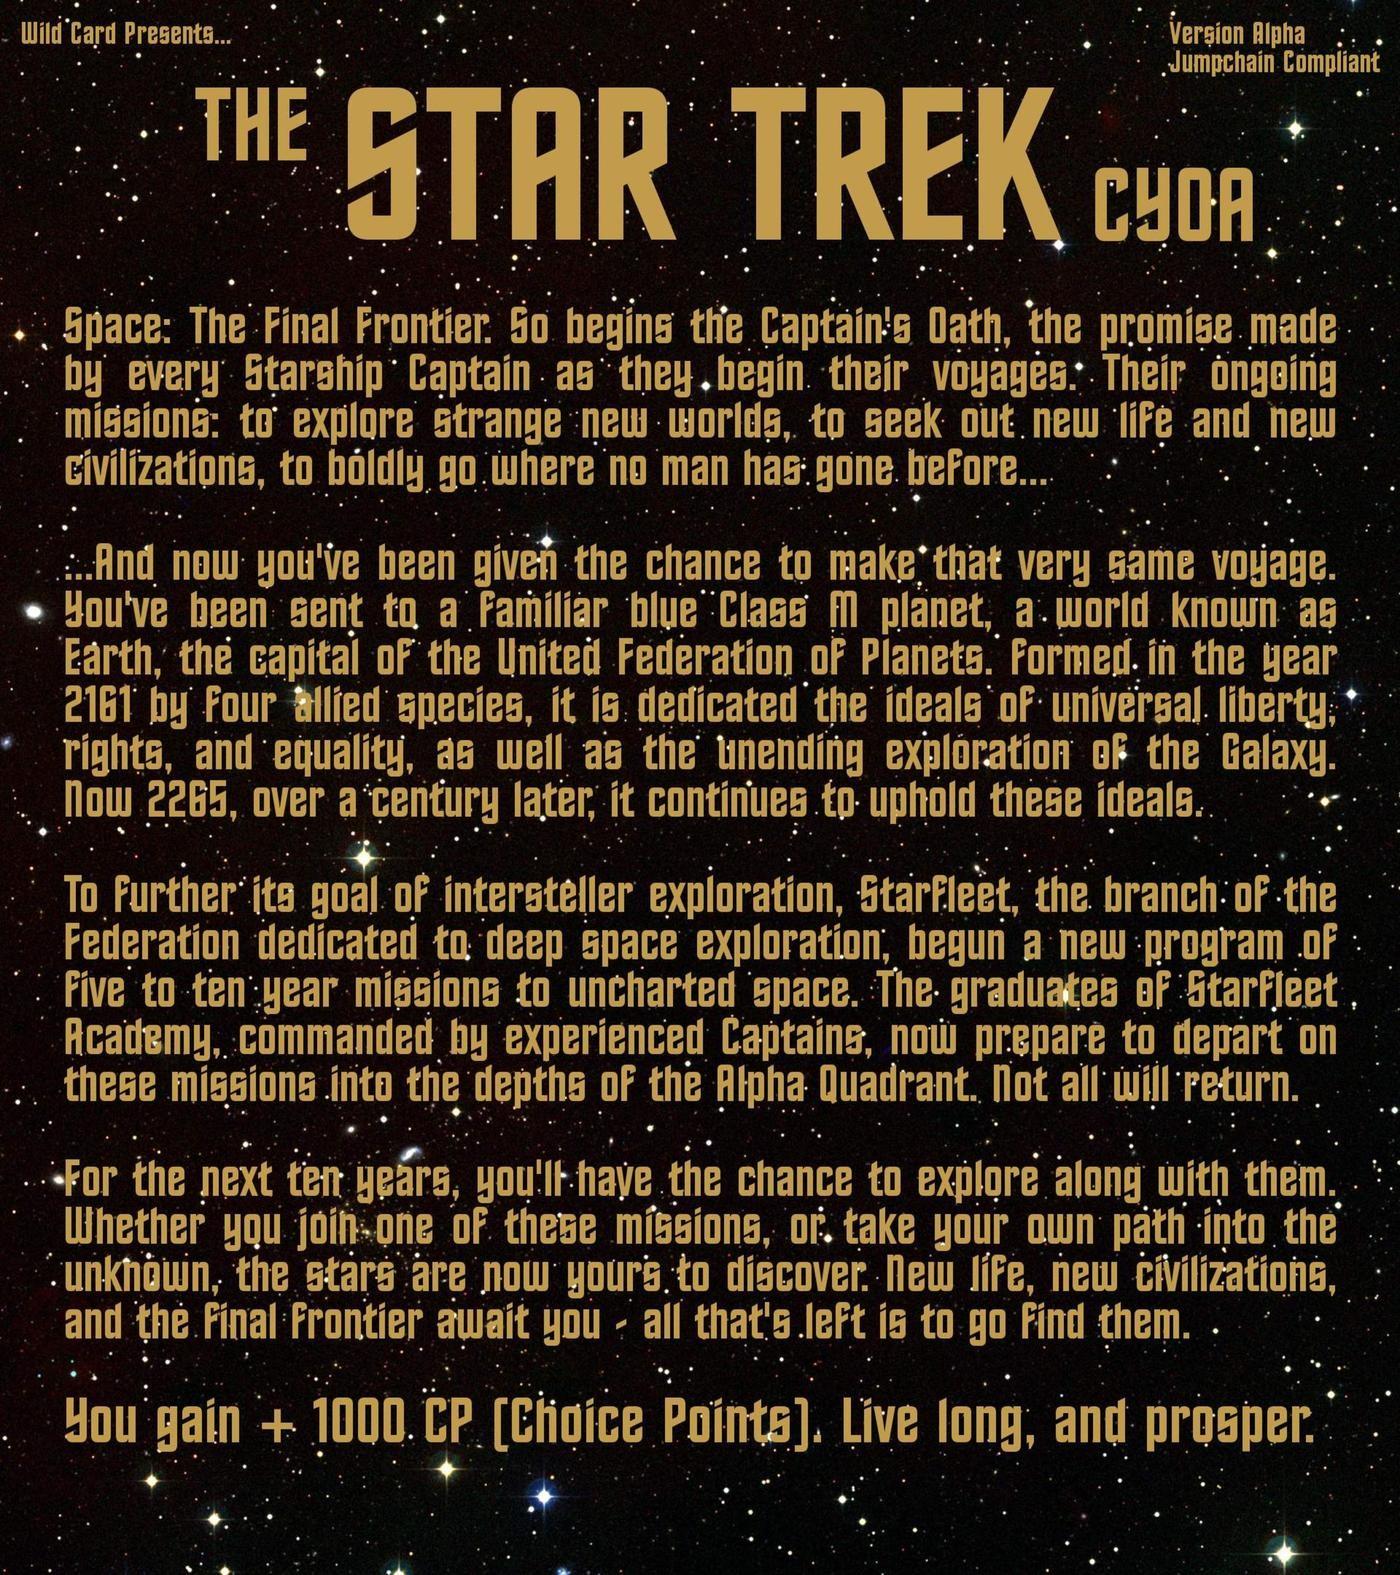 Star Trek CYOA